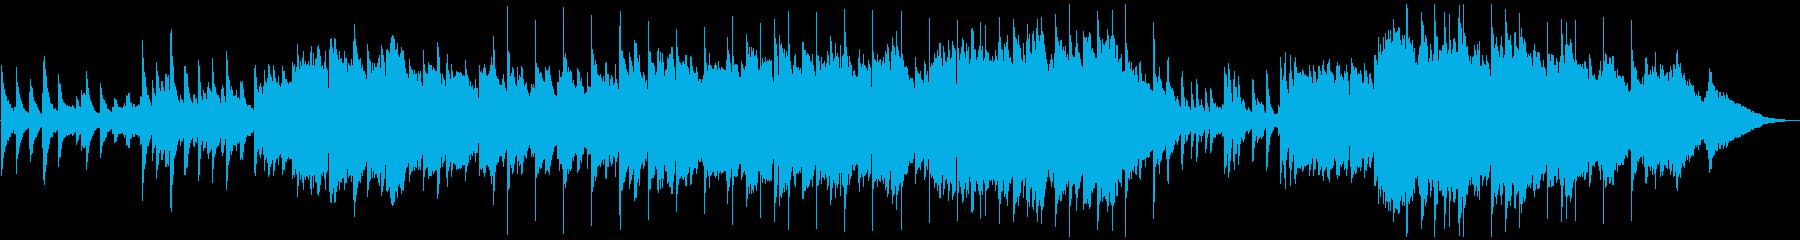 ポップインスト。弦楽器のピアノバラ...の再生済みの波形